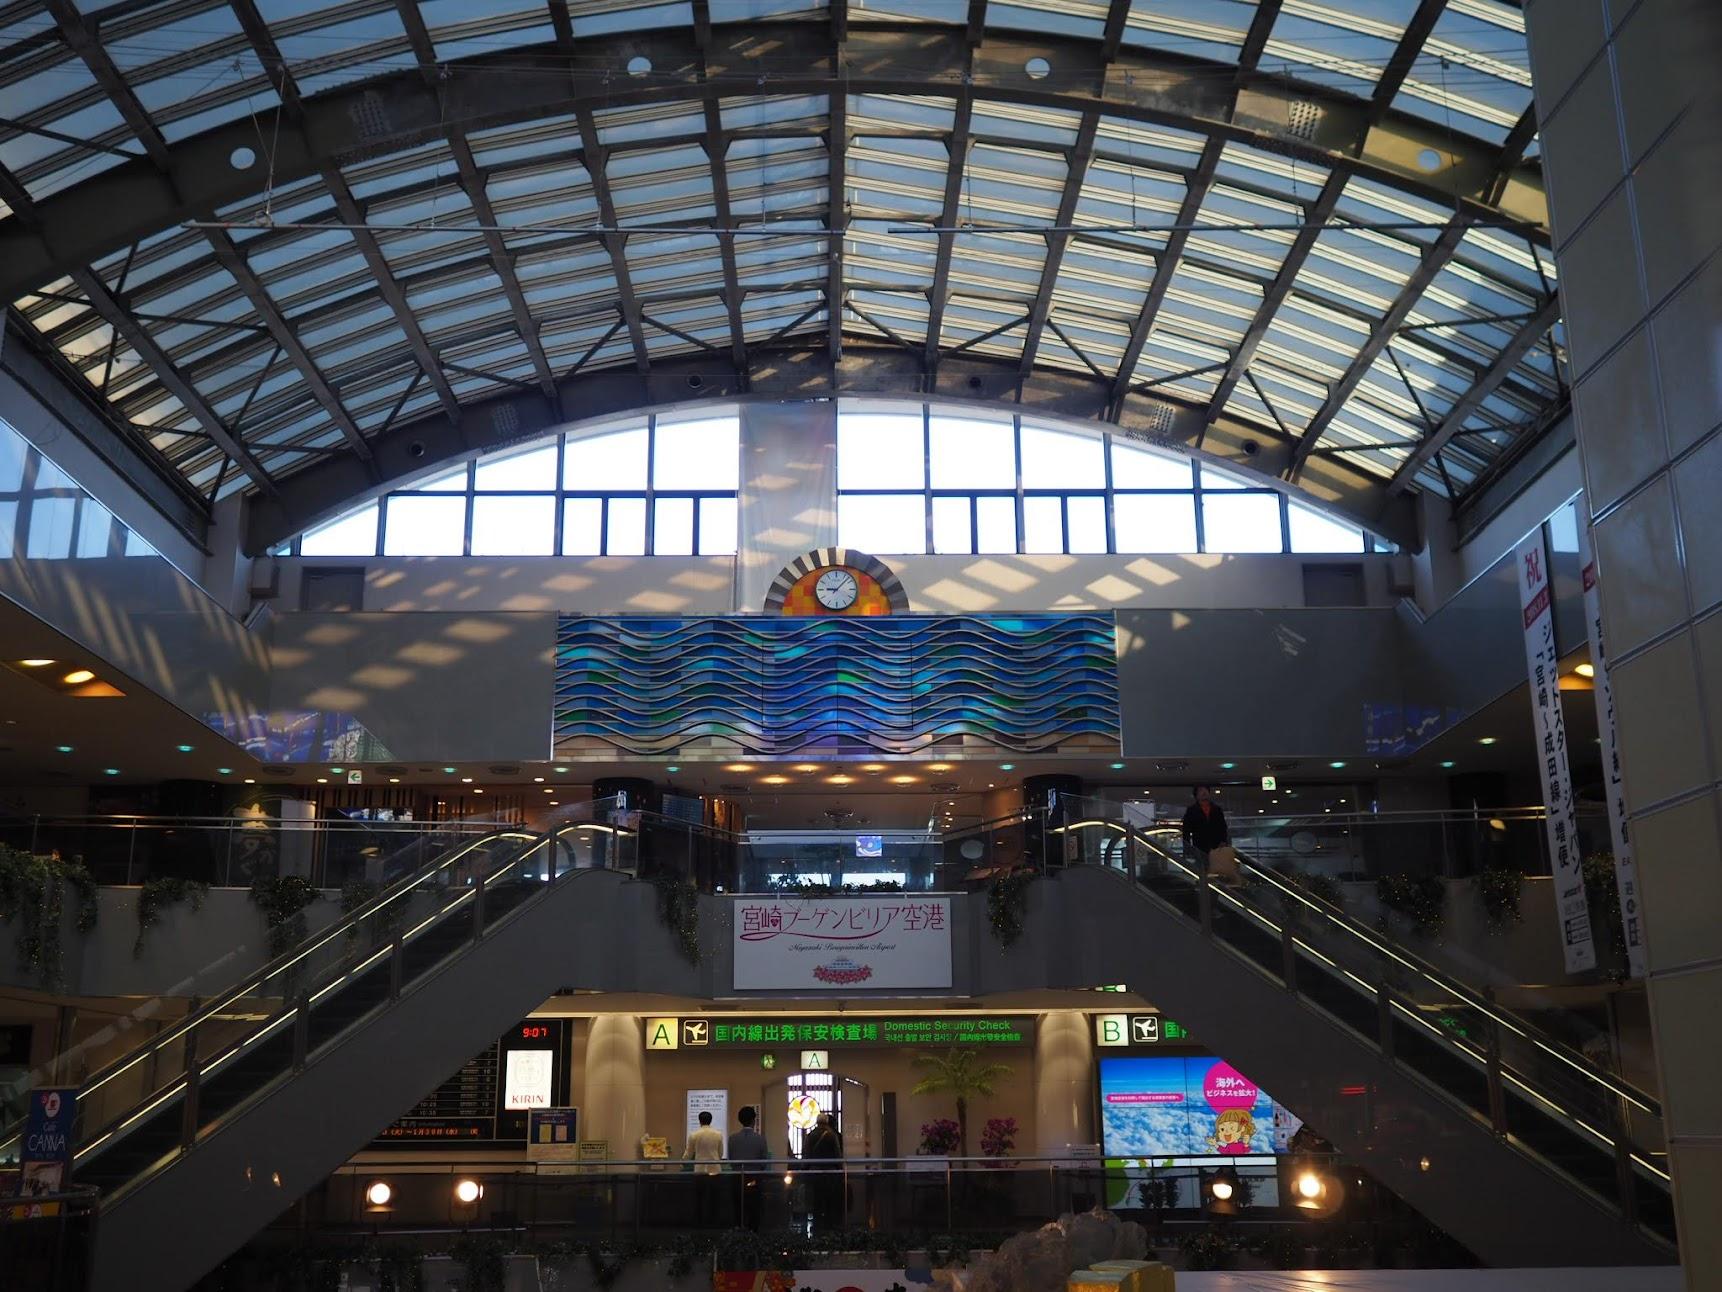 ブーゲンビリア空港の内観